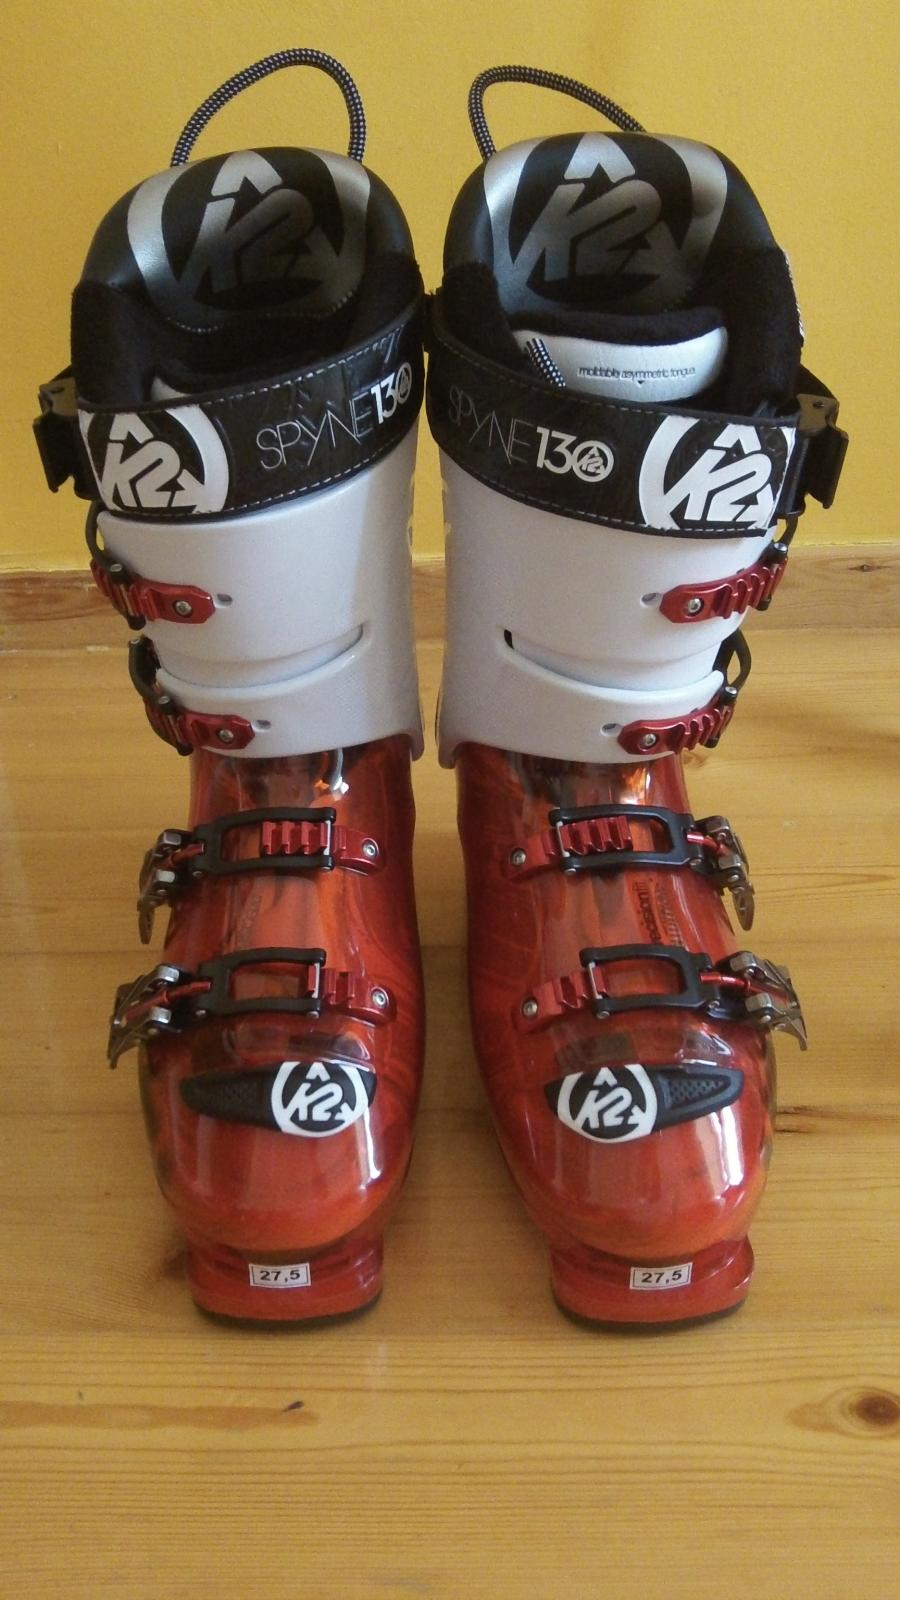 f0c349bbd1 K2 Spyne 130 Flex Μπότες Σκι Του 2014 - Ski - Snowclub.gr forum